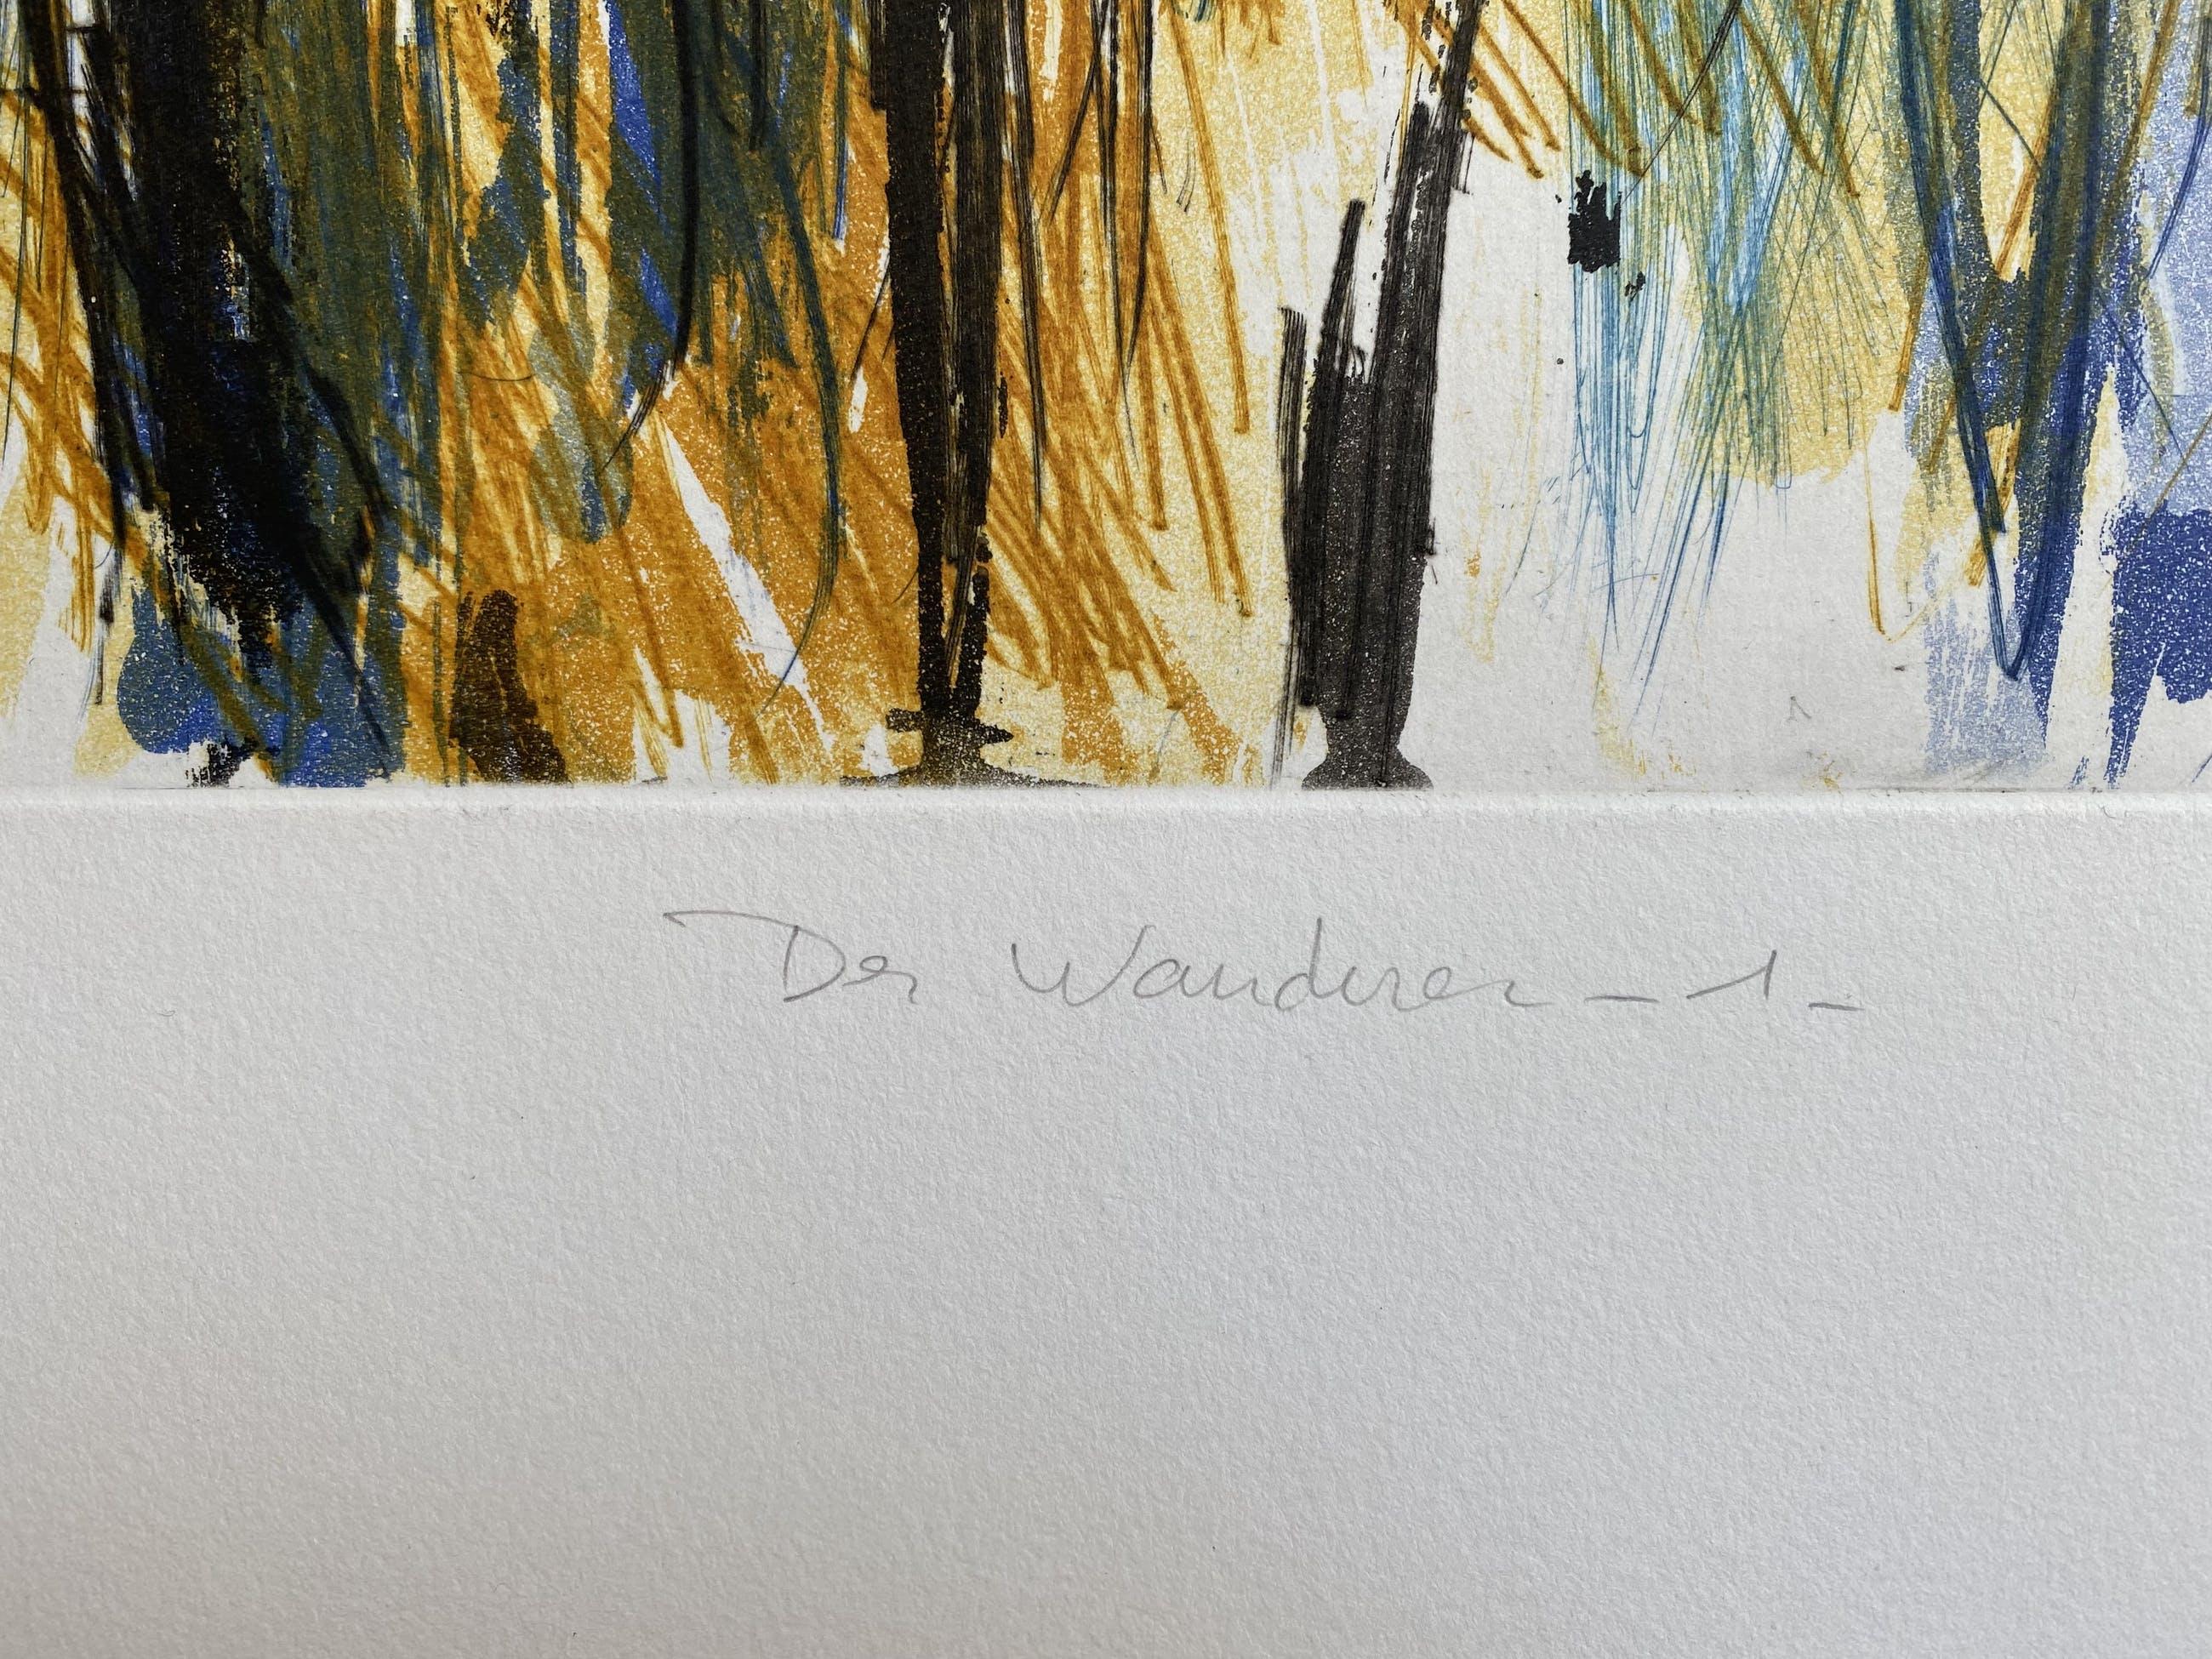 Jean-Paul Turmel - Der Wanderer 1 kopen? Bied vanaf 85!